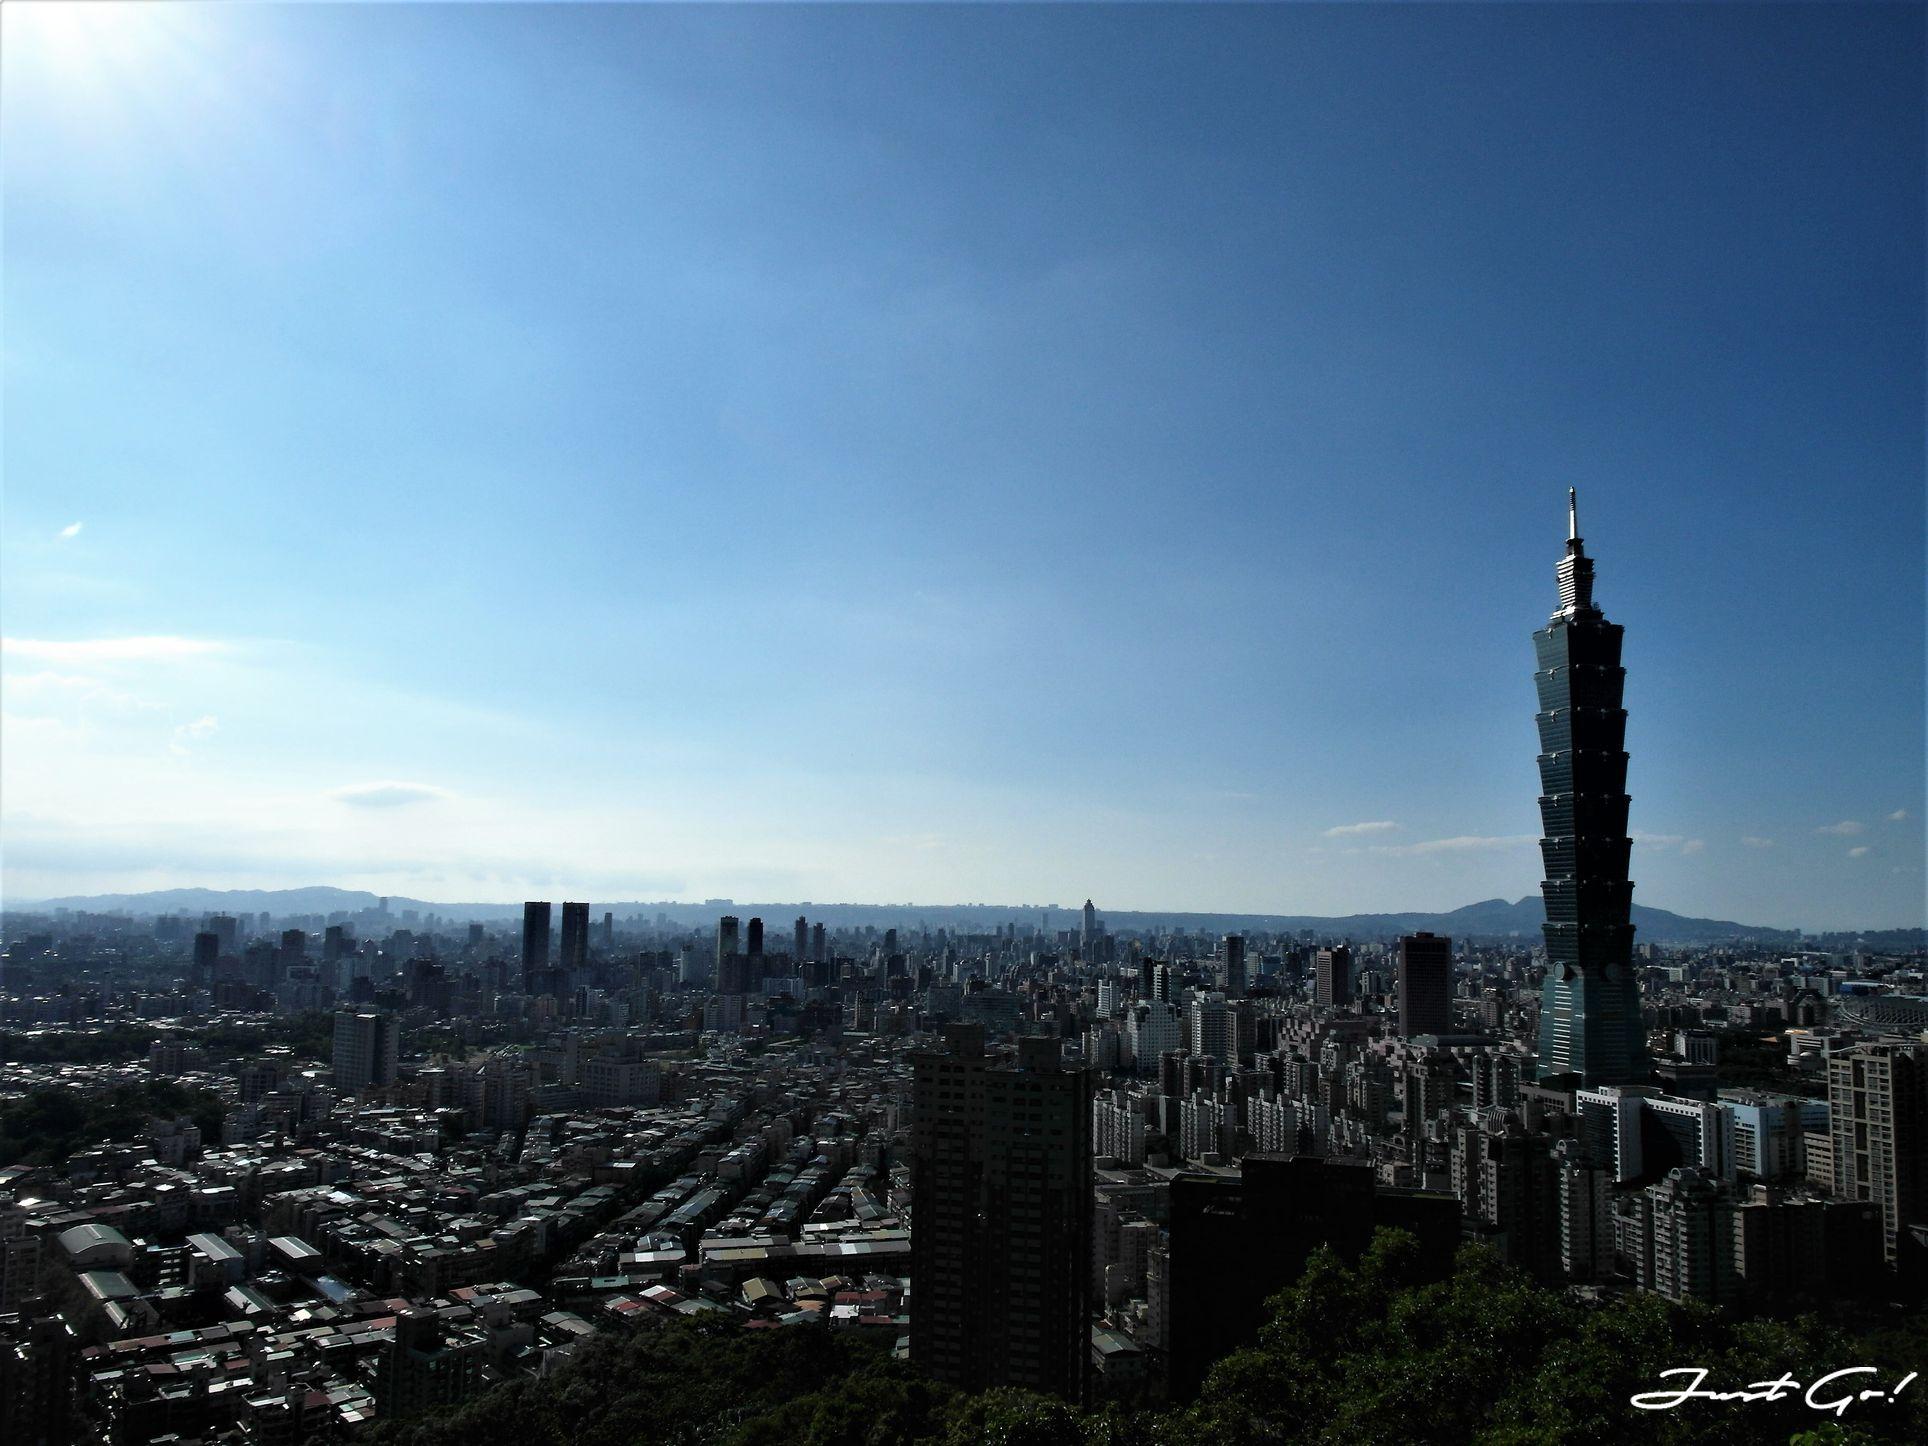 台北近郊·6條登山入門款路線推薦-交通方式、登山口、路徑規劃10